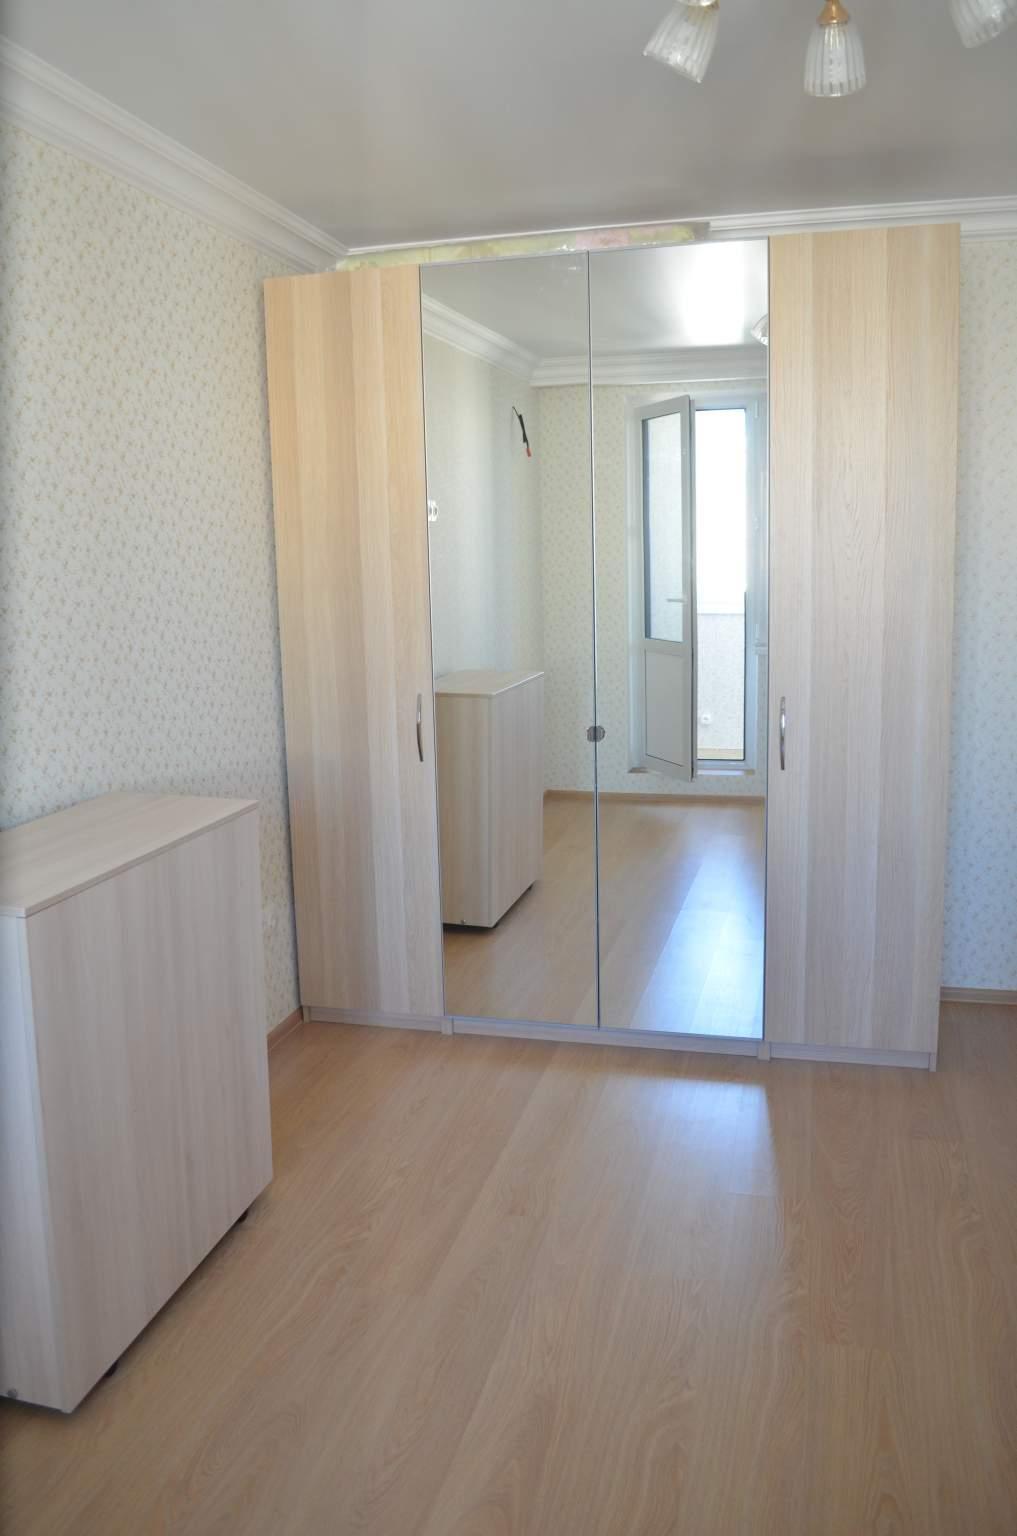 Квартира, 2 комнаты, 64 м² в Московском 89269179500 купить 6